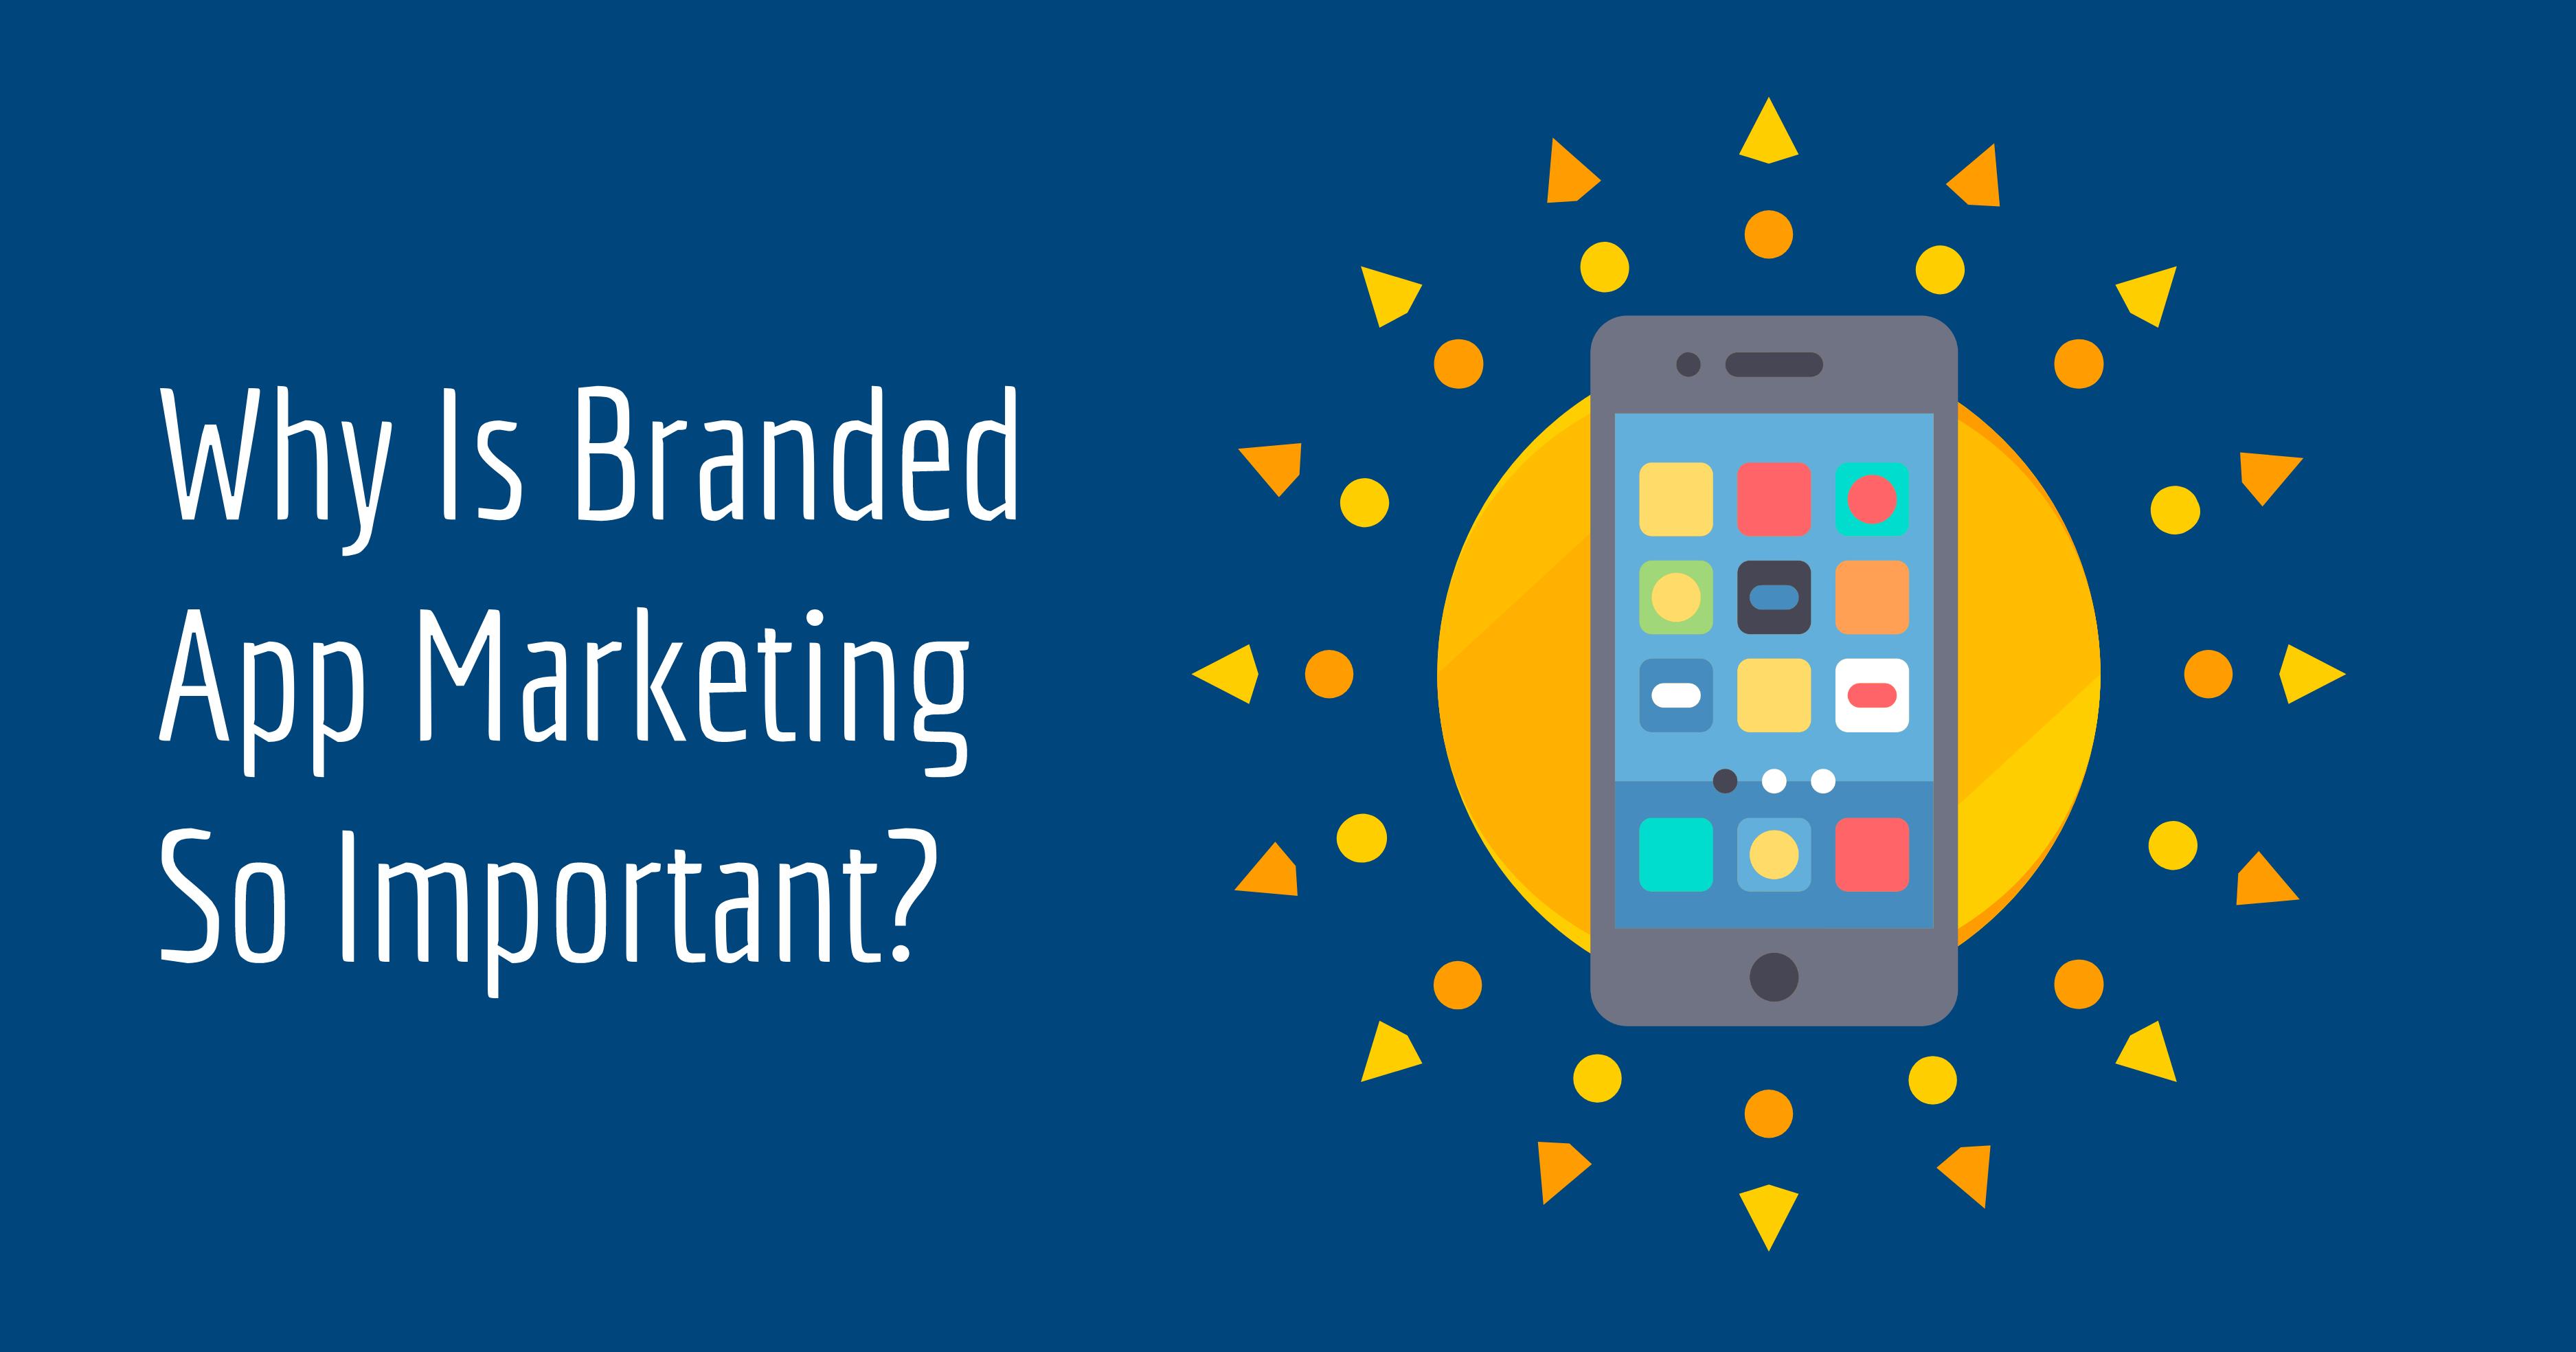 Branded App Marketing